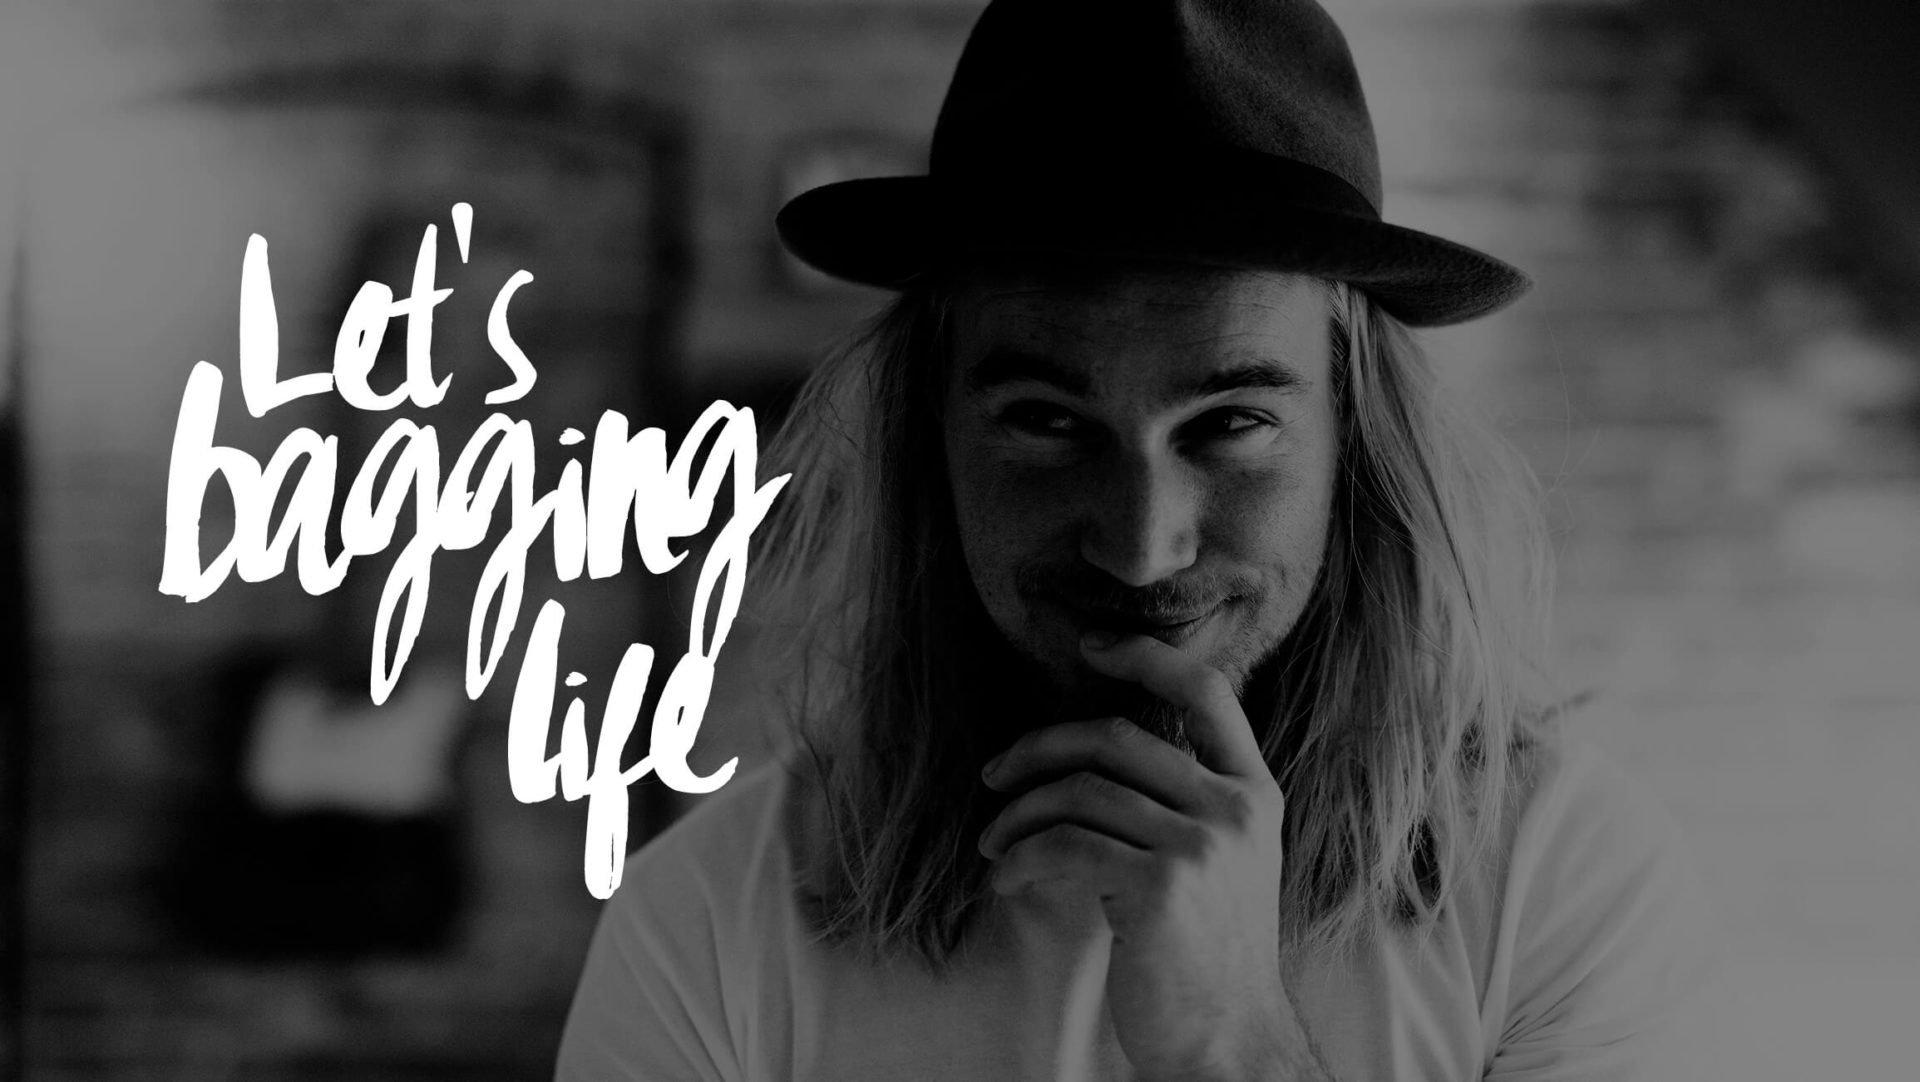 chico-sombrero-lets-bagging-life